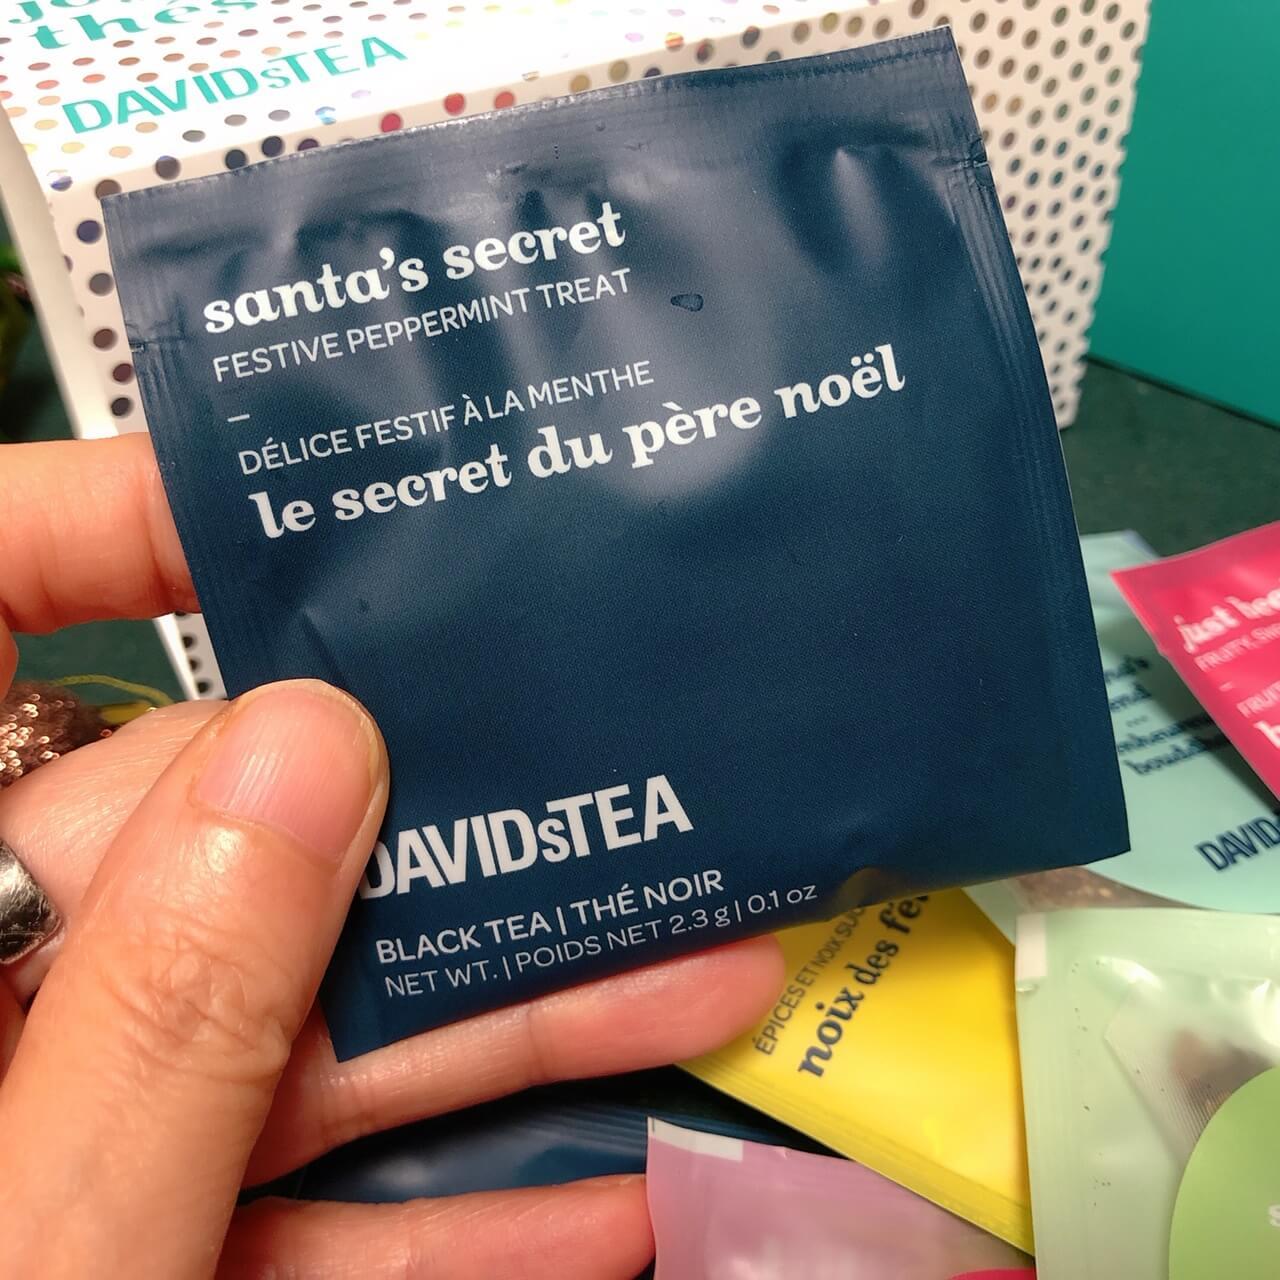 DAVIDsTEAsanta's secret写真